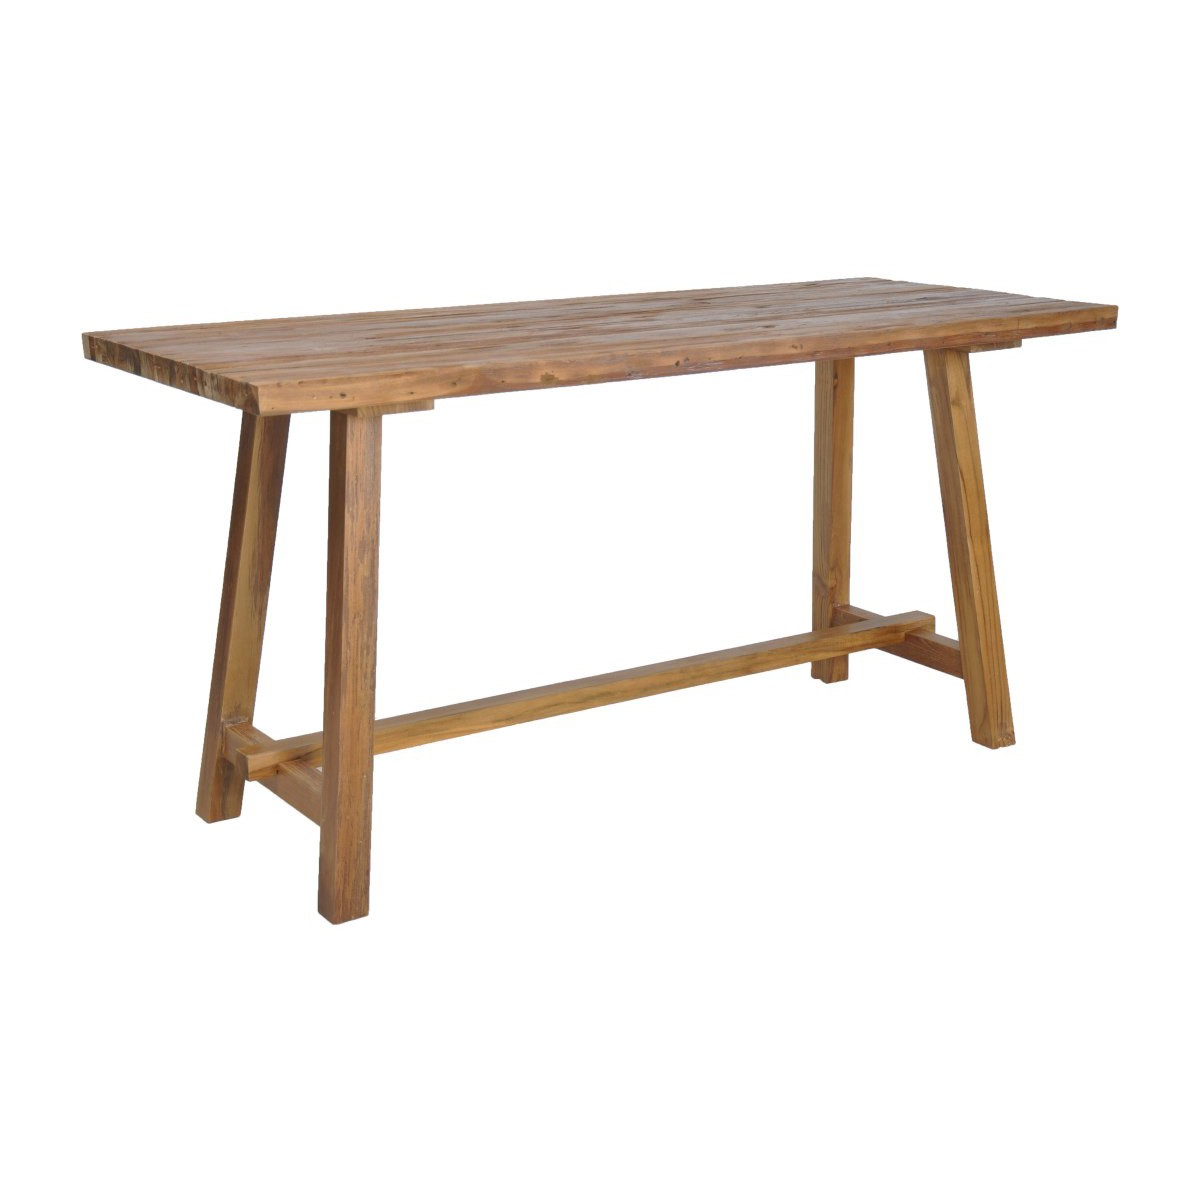 Tropica Magno Commercial Grade Reclaimed Teak Timber Workshop Desk, 160cm